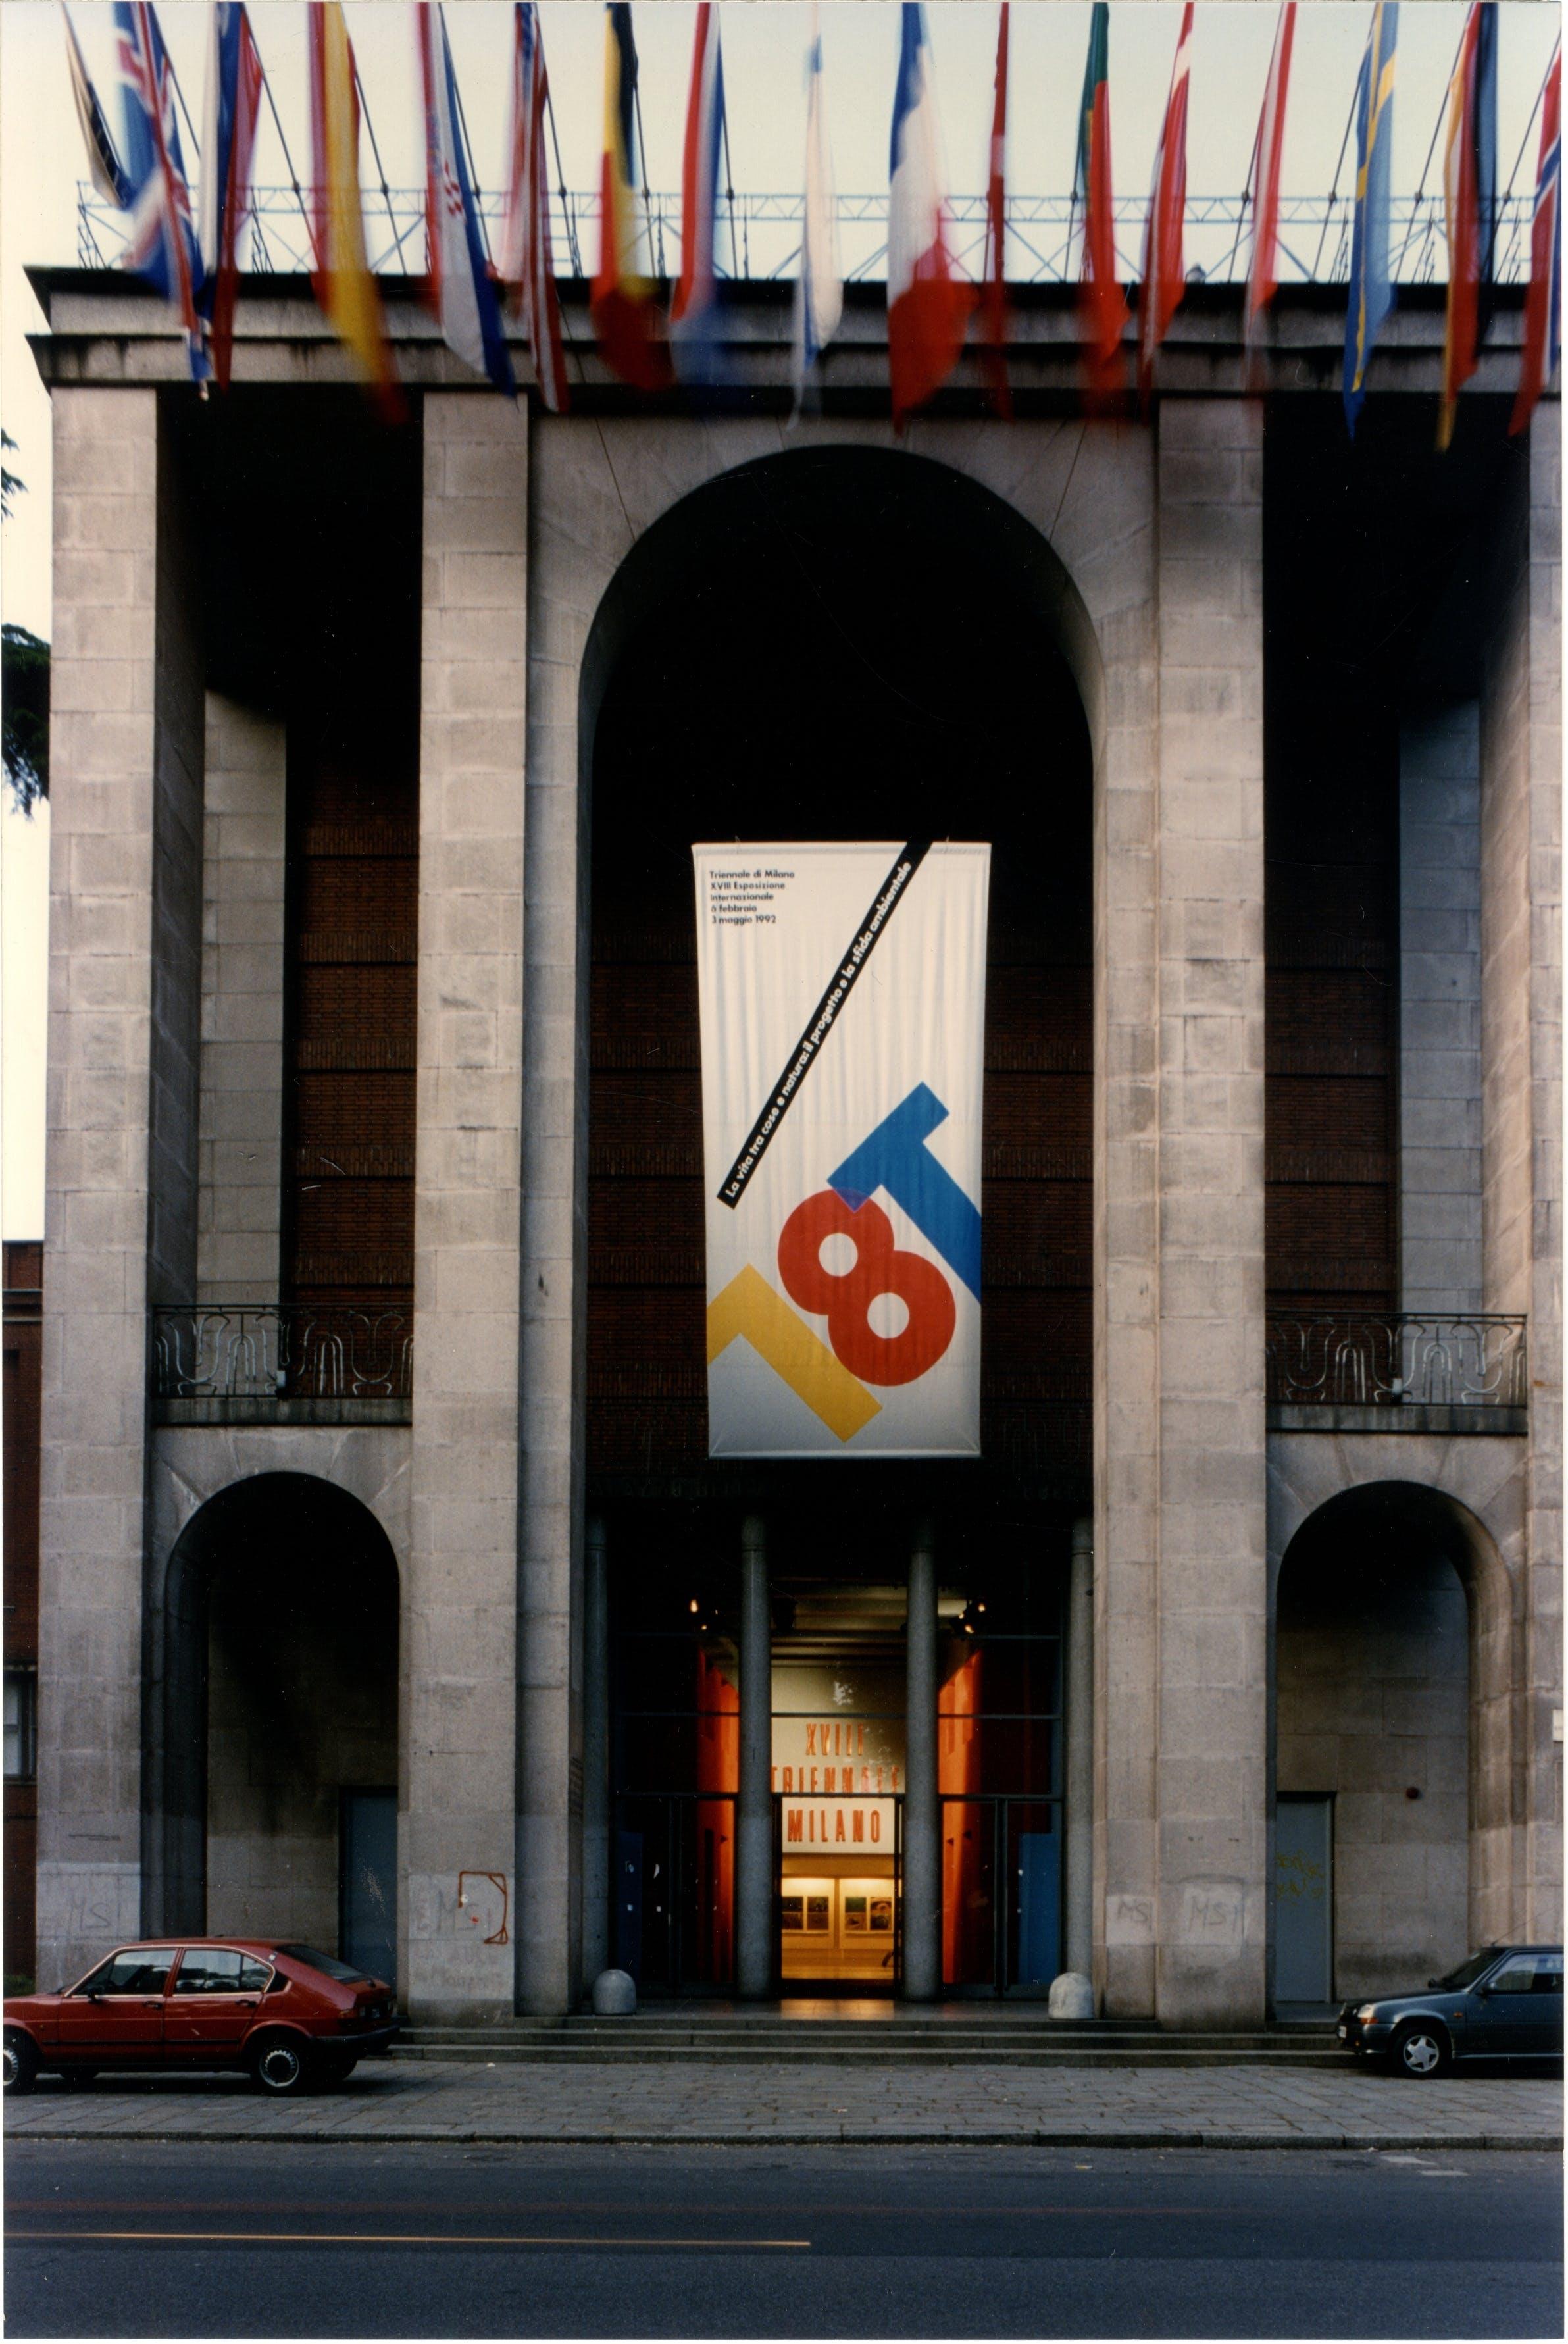 1992, XVIII Triennale, facciata d'ingresso al Palazzo dell'Arte, manifesto ufficiale disegnato da Bob Noorda